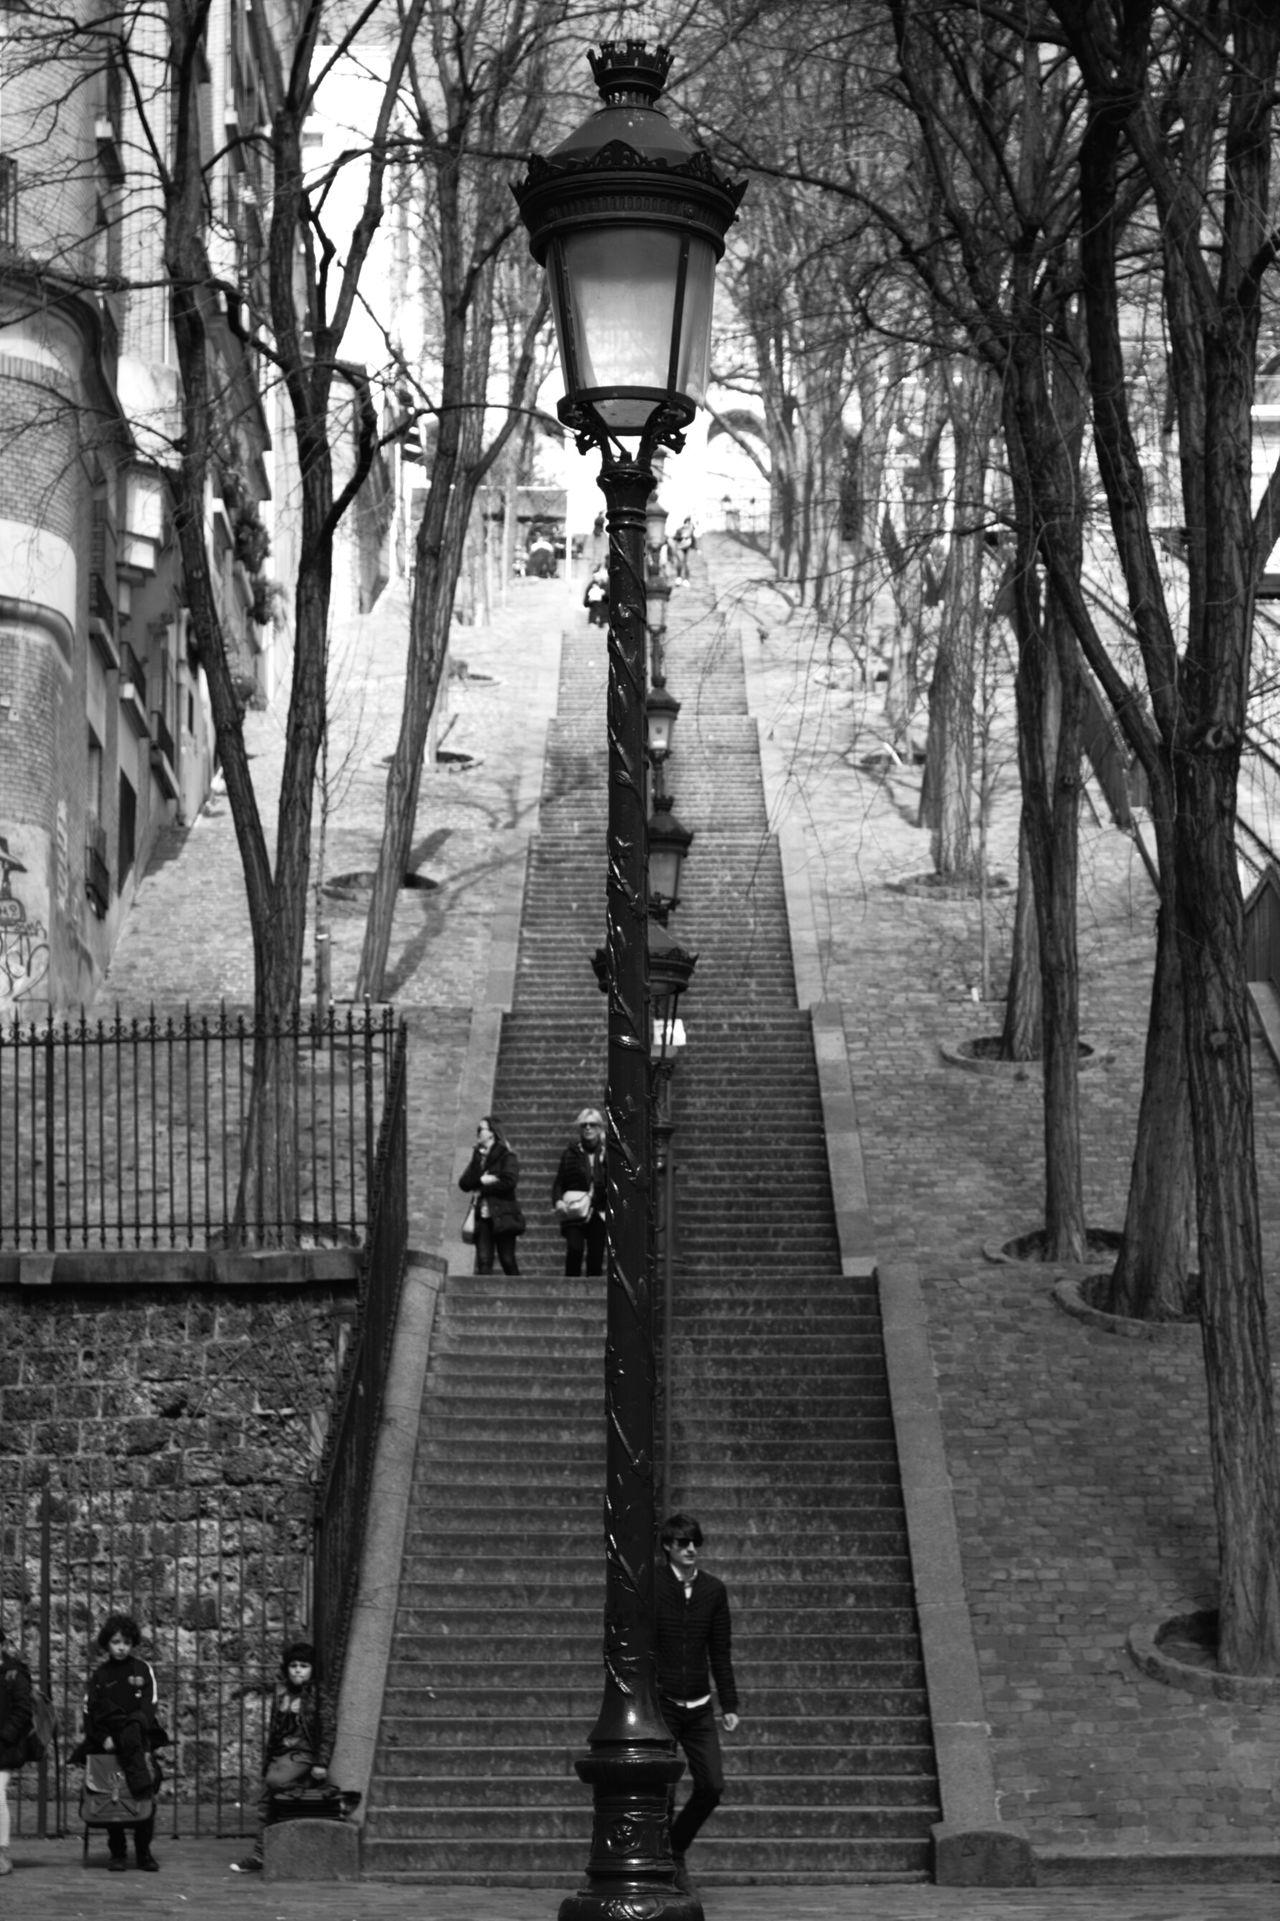 Paris Apprendre La Photo From My Point Of View Love Photography Passion Canonphotography Paris Je T'aime Capture The Moment Noir Et Blanc MONTMARTRE , PARIS Montmartre Street Les Marches De Montmartre Photo Intemporelle Imperfection Parfaite